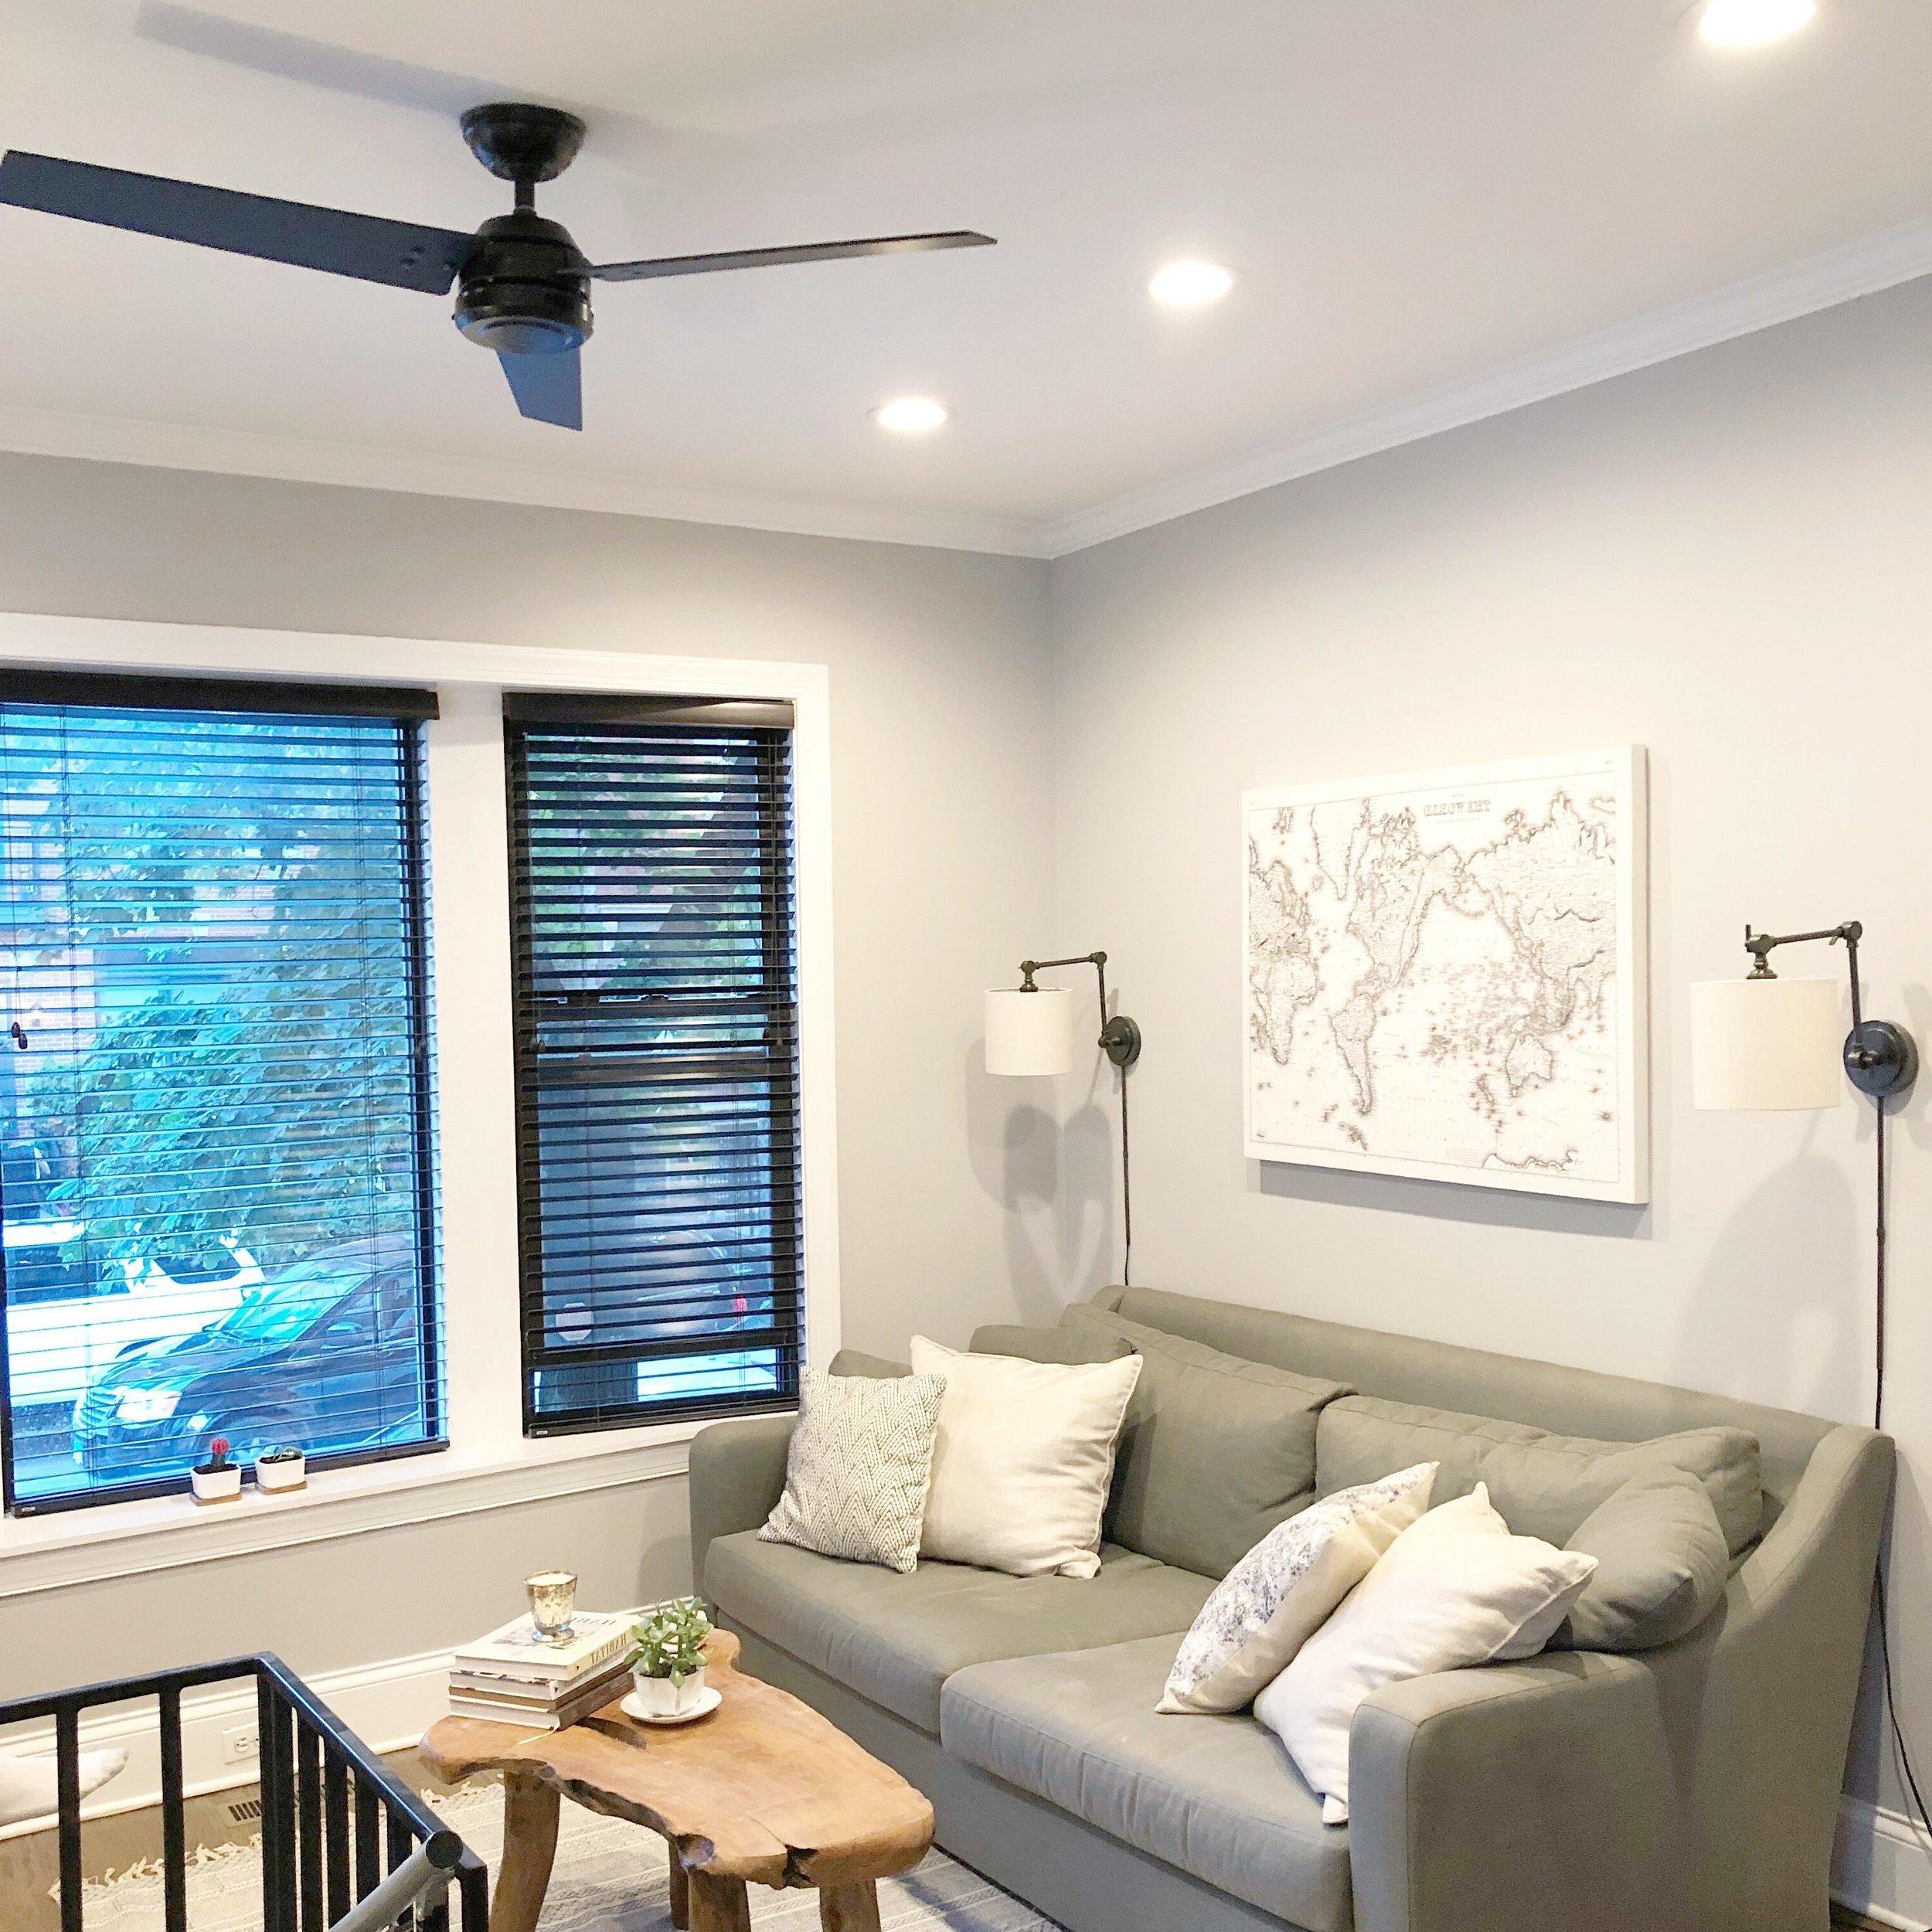 Beleuchtung für das Wohnzimmer: Einzelne Spots setzen